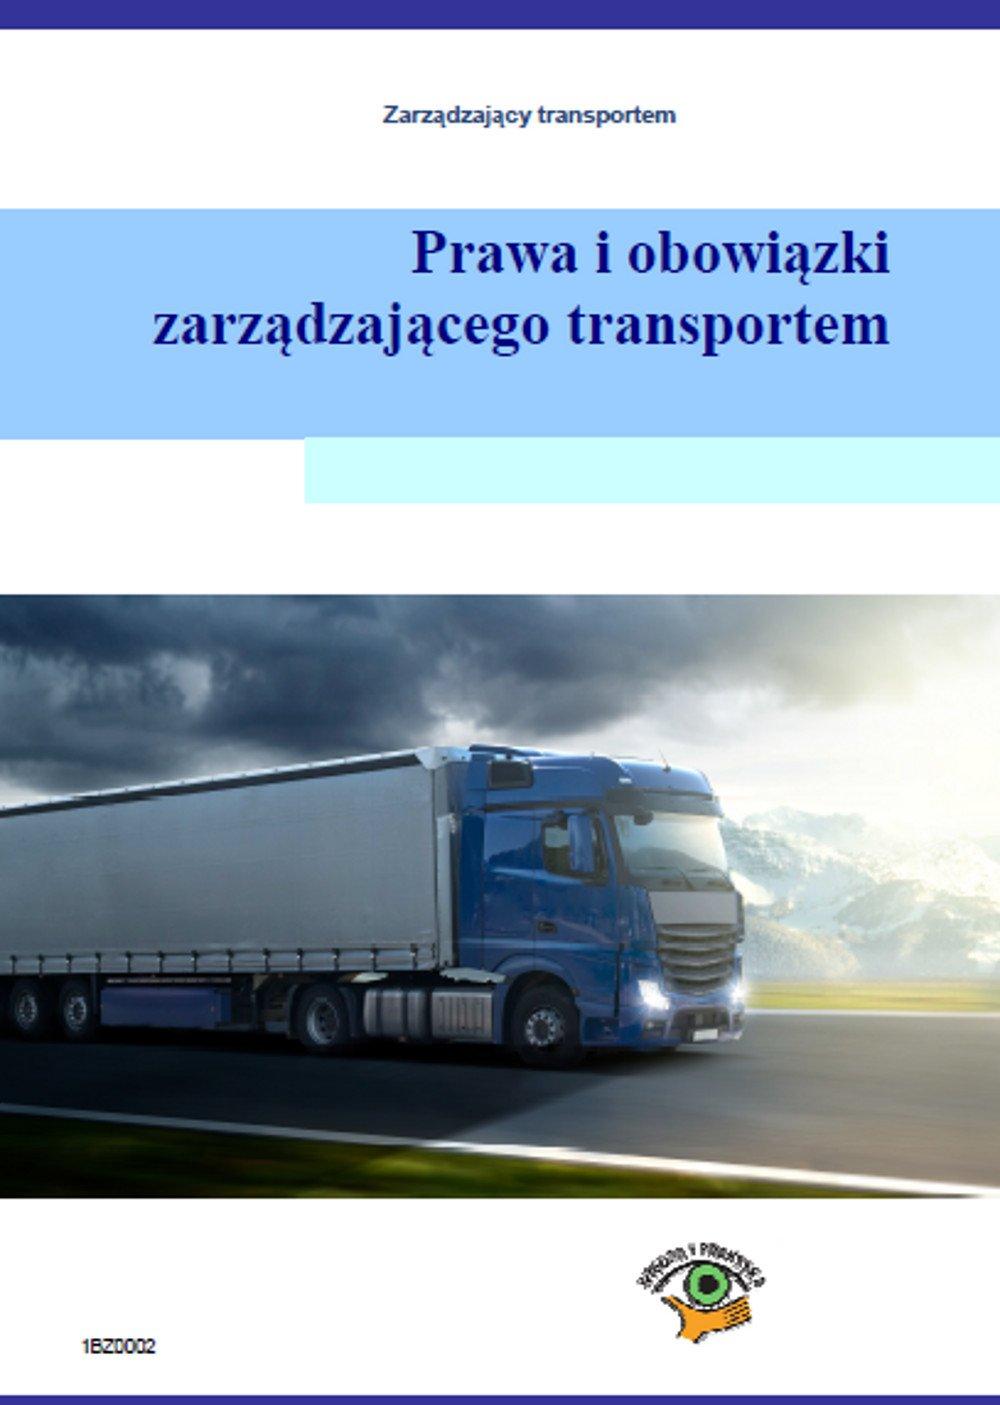 Prawa i obowiązki zarządzającego transportem - Ebook (Książka PDF) do pobrania w formacie PDF